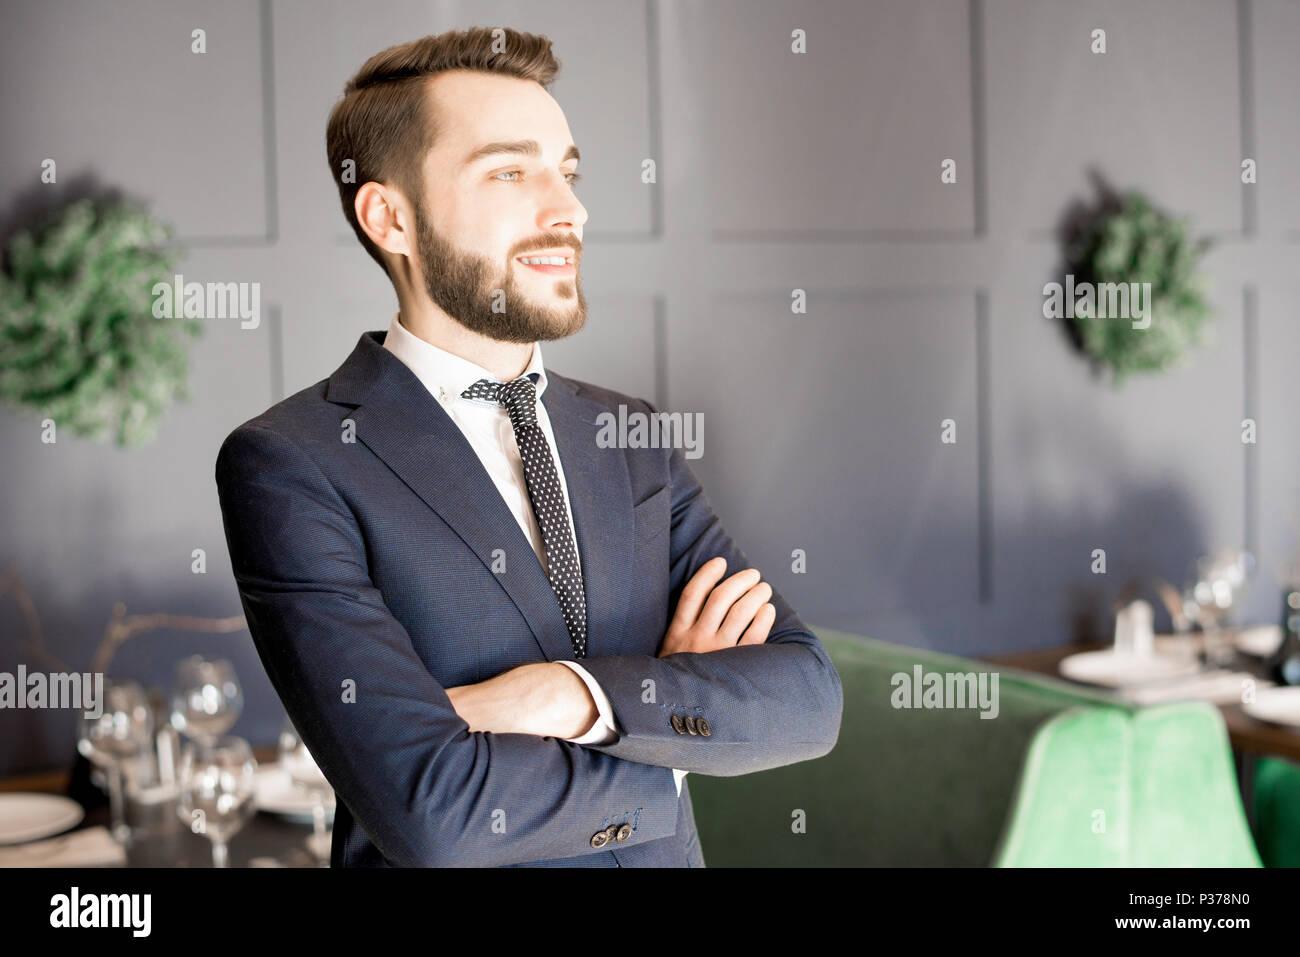 Alegre ambicioso dueño de restaurante Imagen De Stock